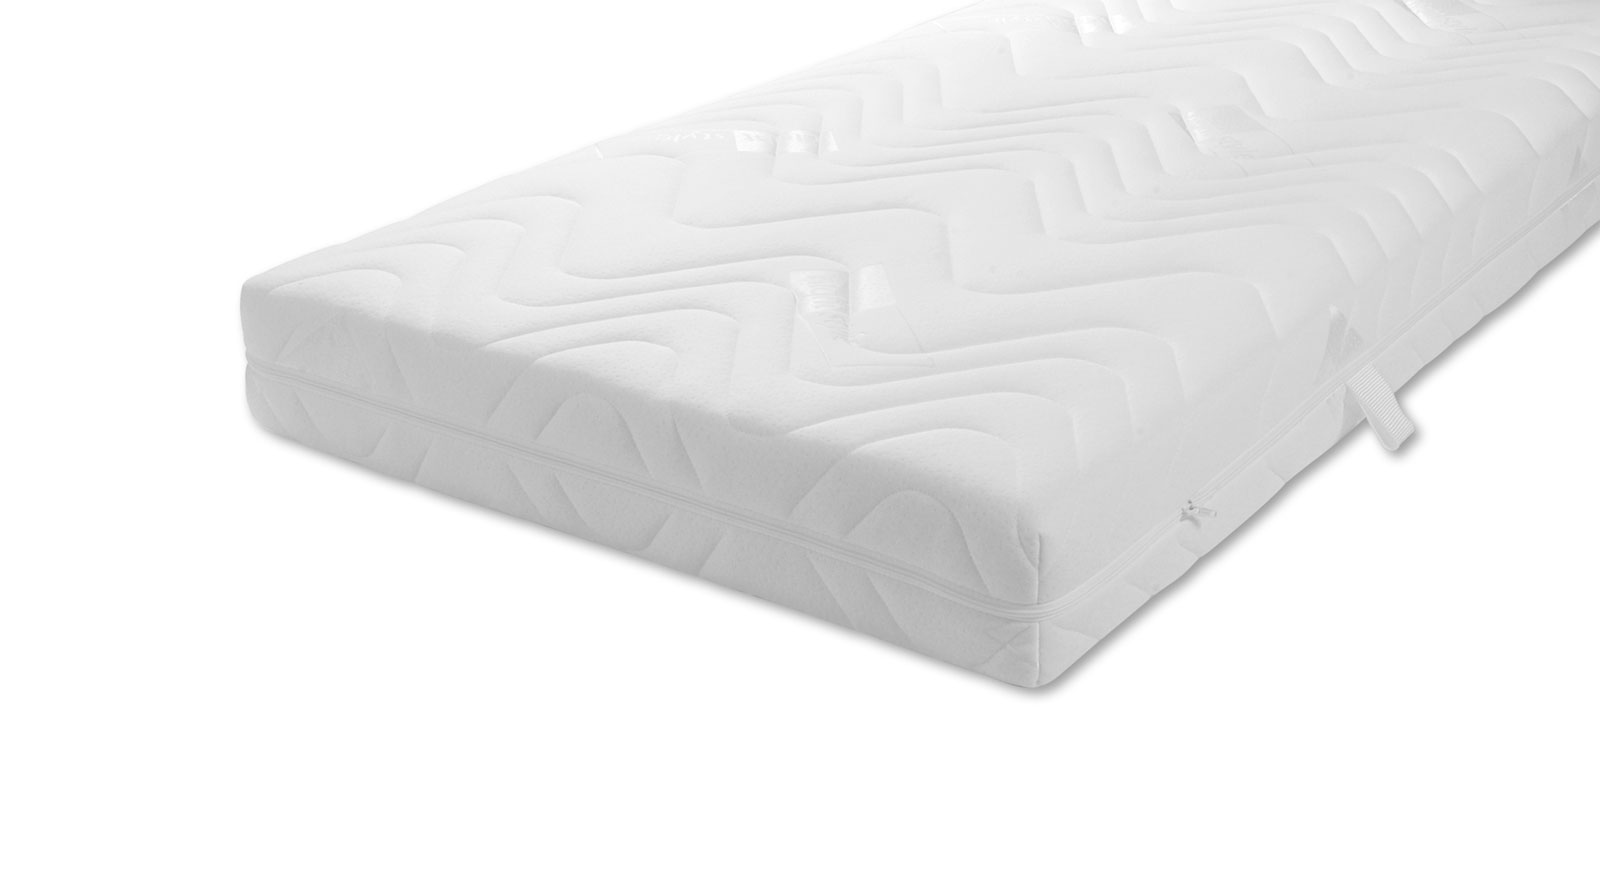 finden sie die optimale bettausstattung passend zu ihrer schlafposition. Black Bedroom Furniture Sets. Home Design Ideas